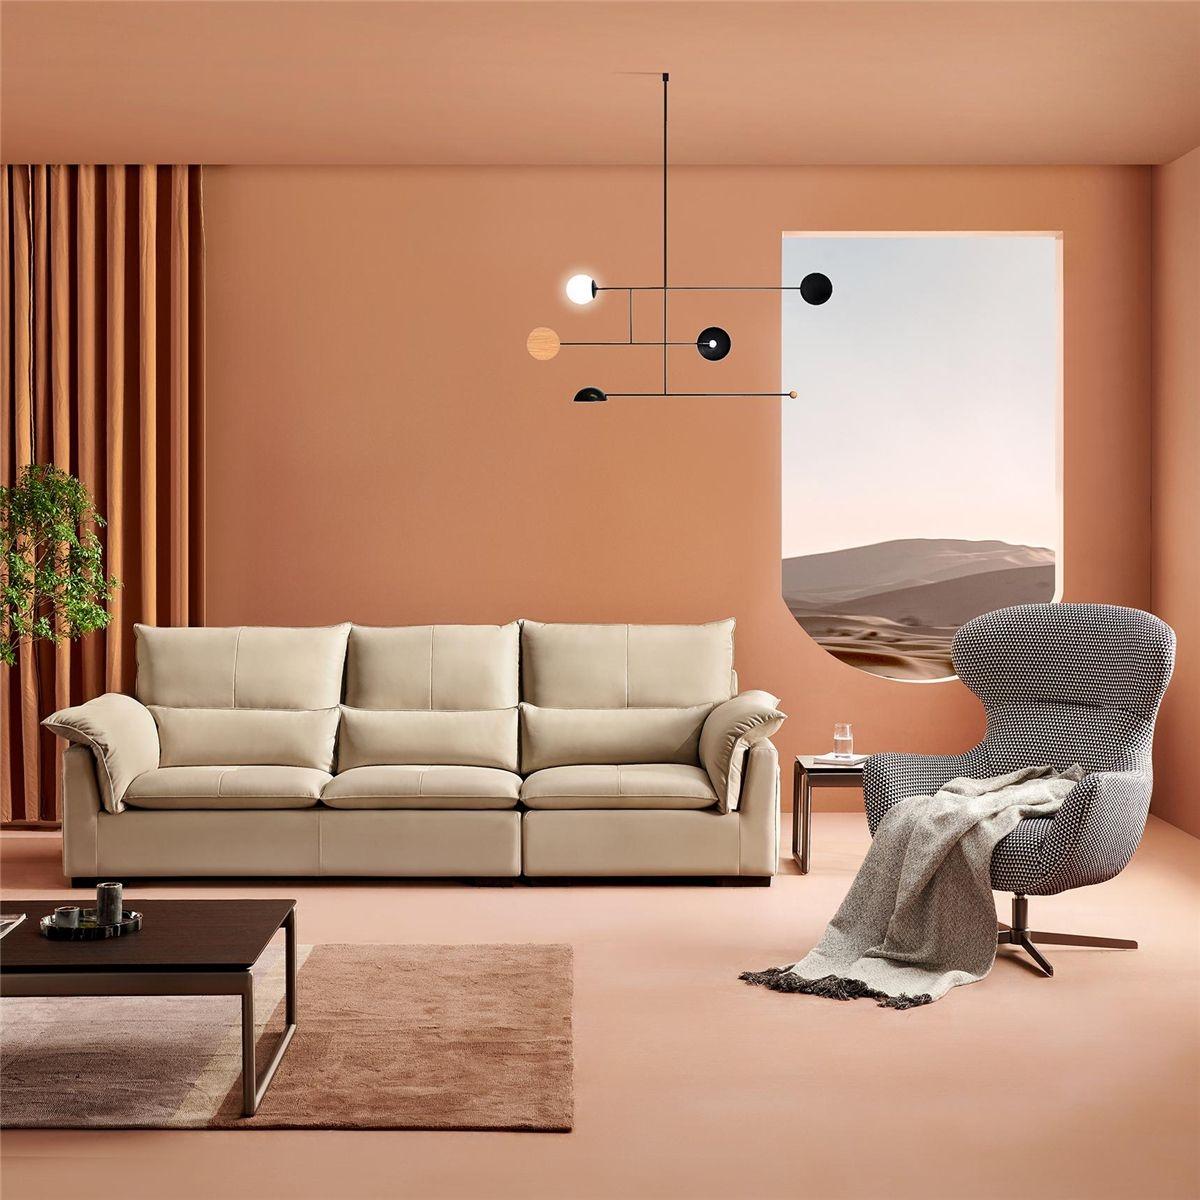 【卡奇尔】个性现代三人位 公寓简约头层牛皮舒适123人沙发组合